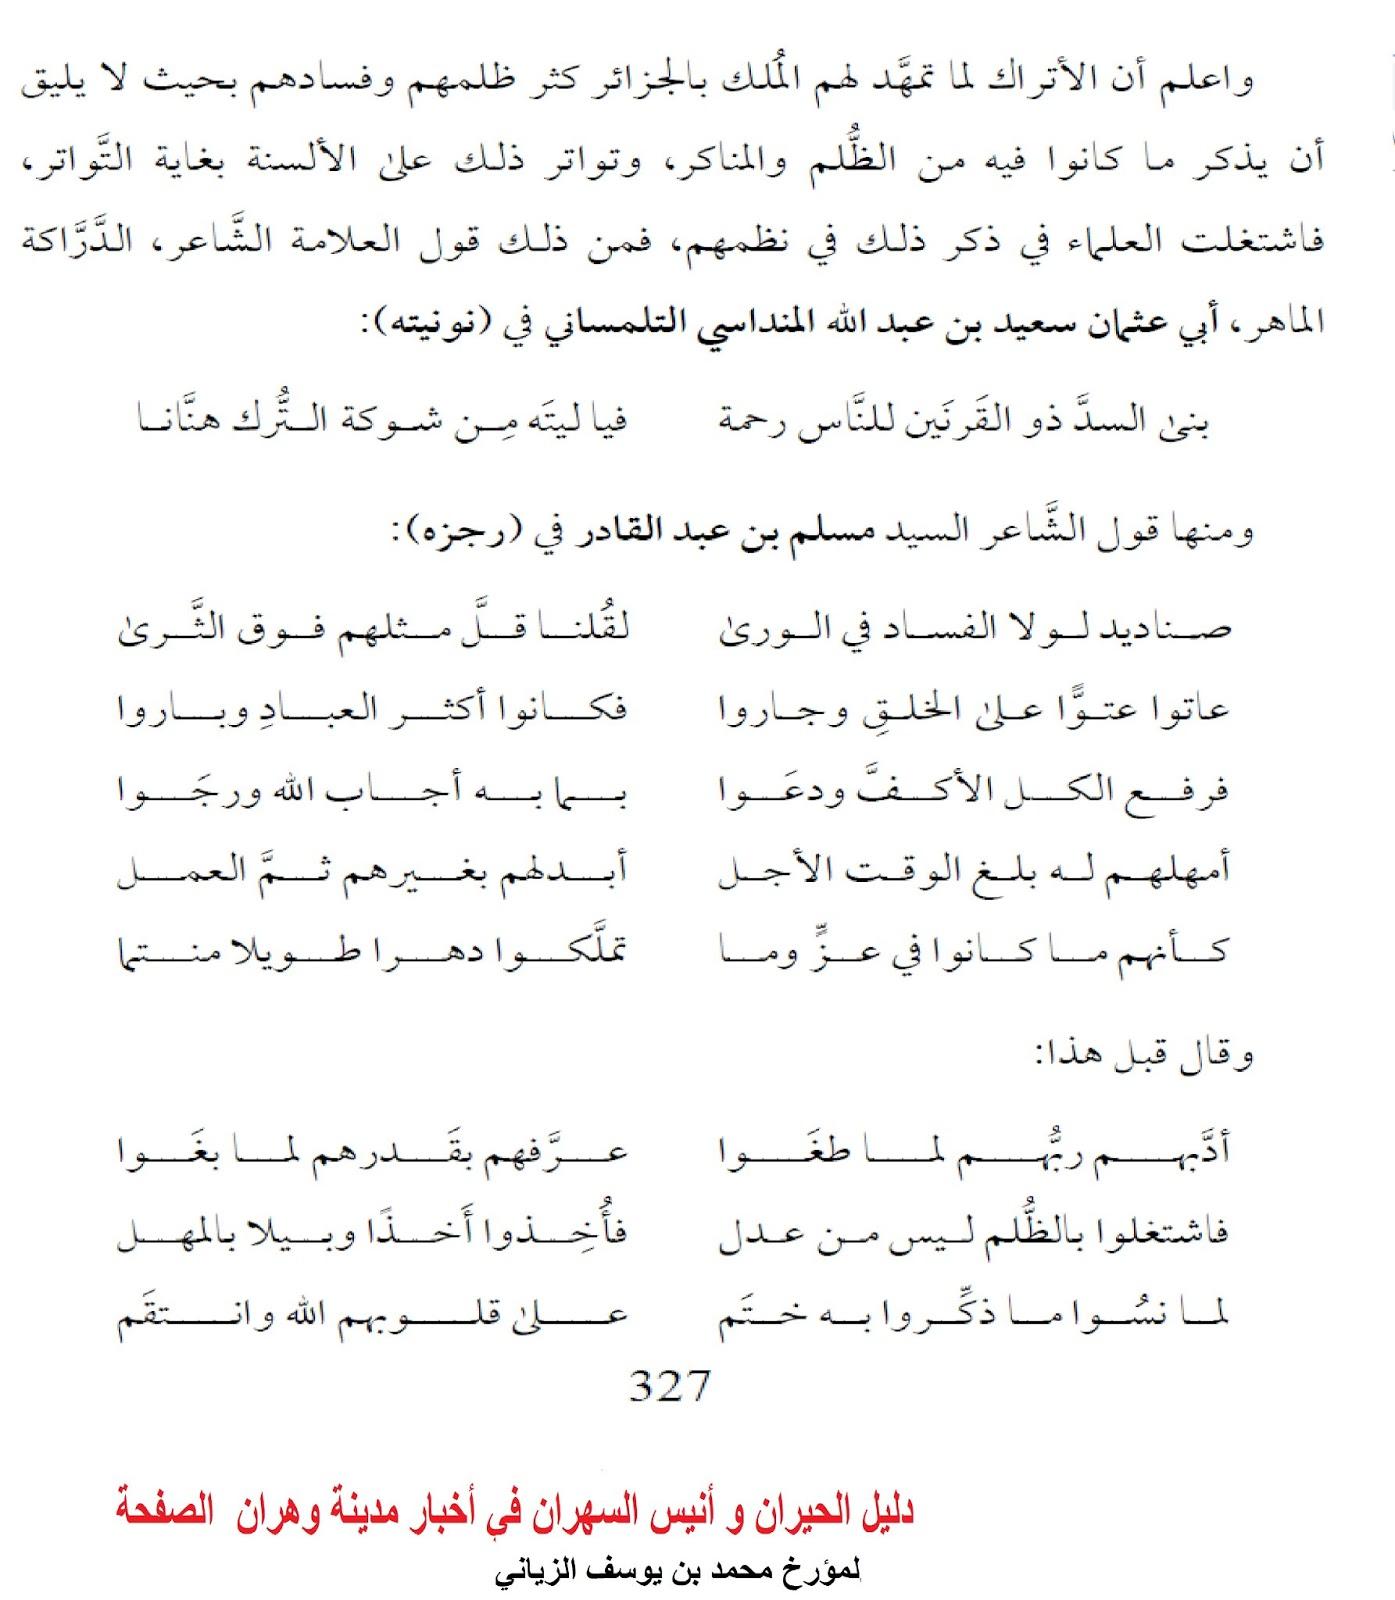 كتاب دليل الحيران وأنيس السهران في أخبار مدينة وهران